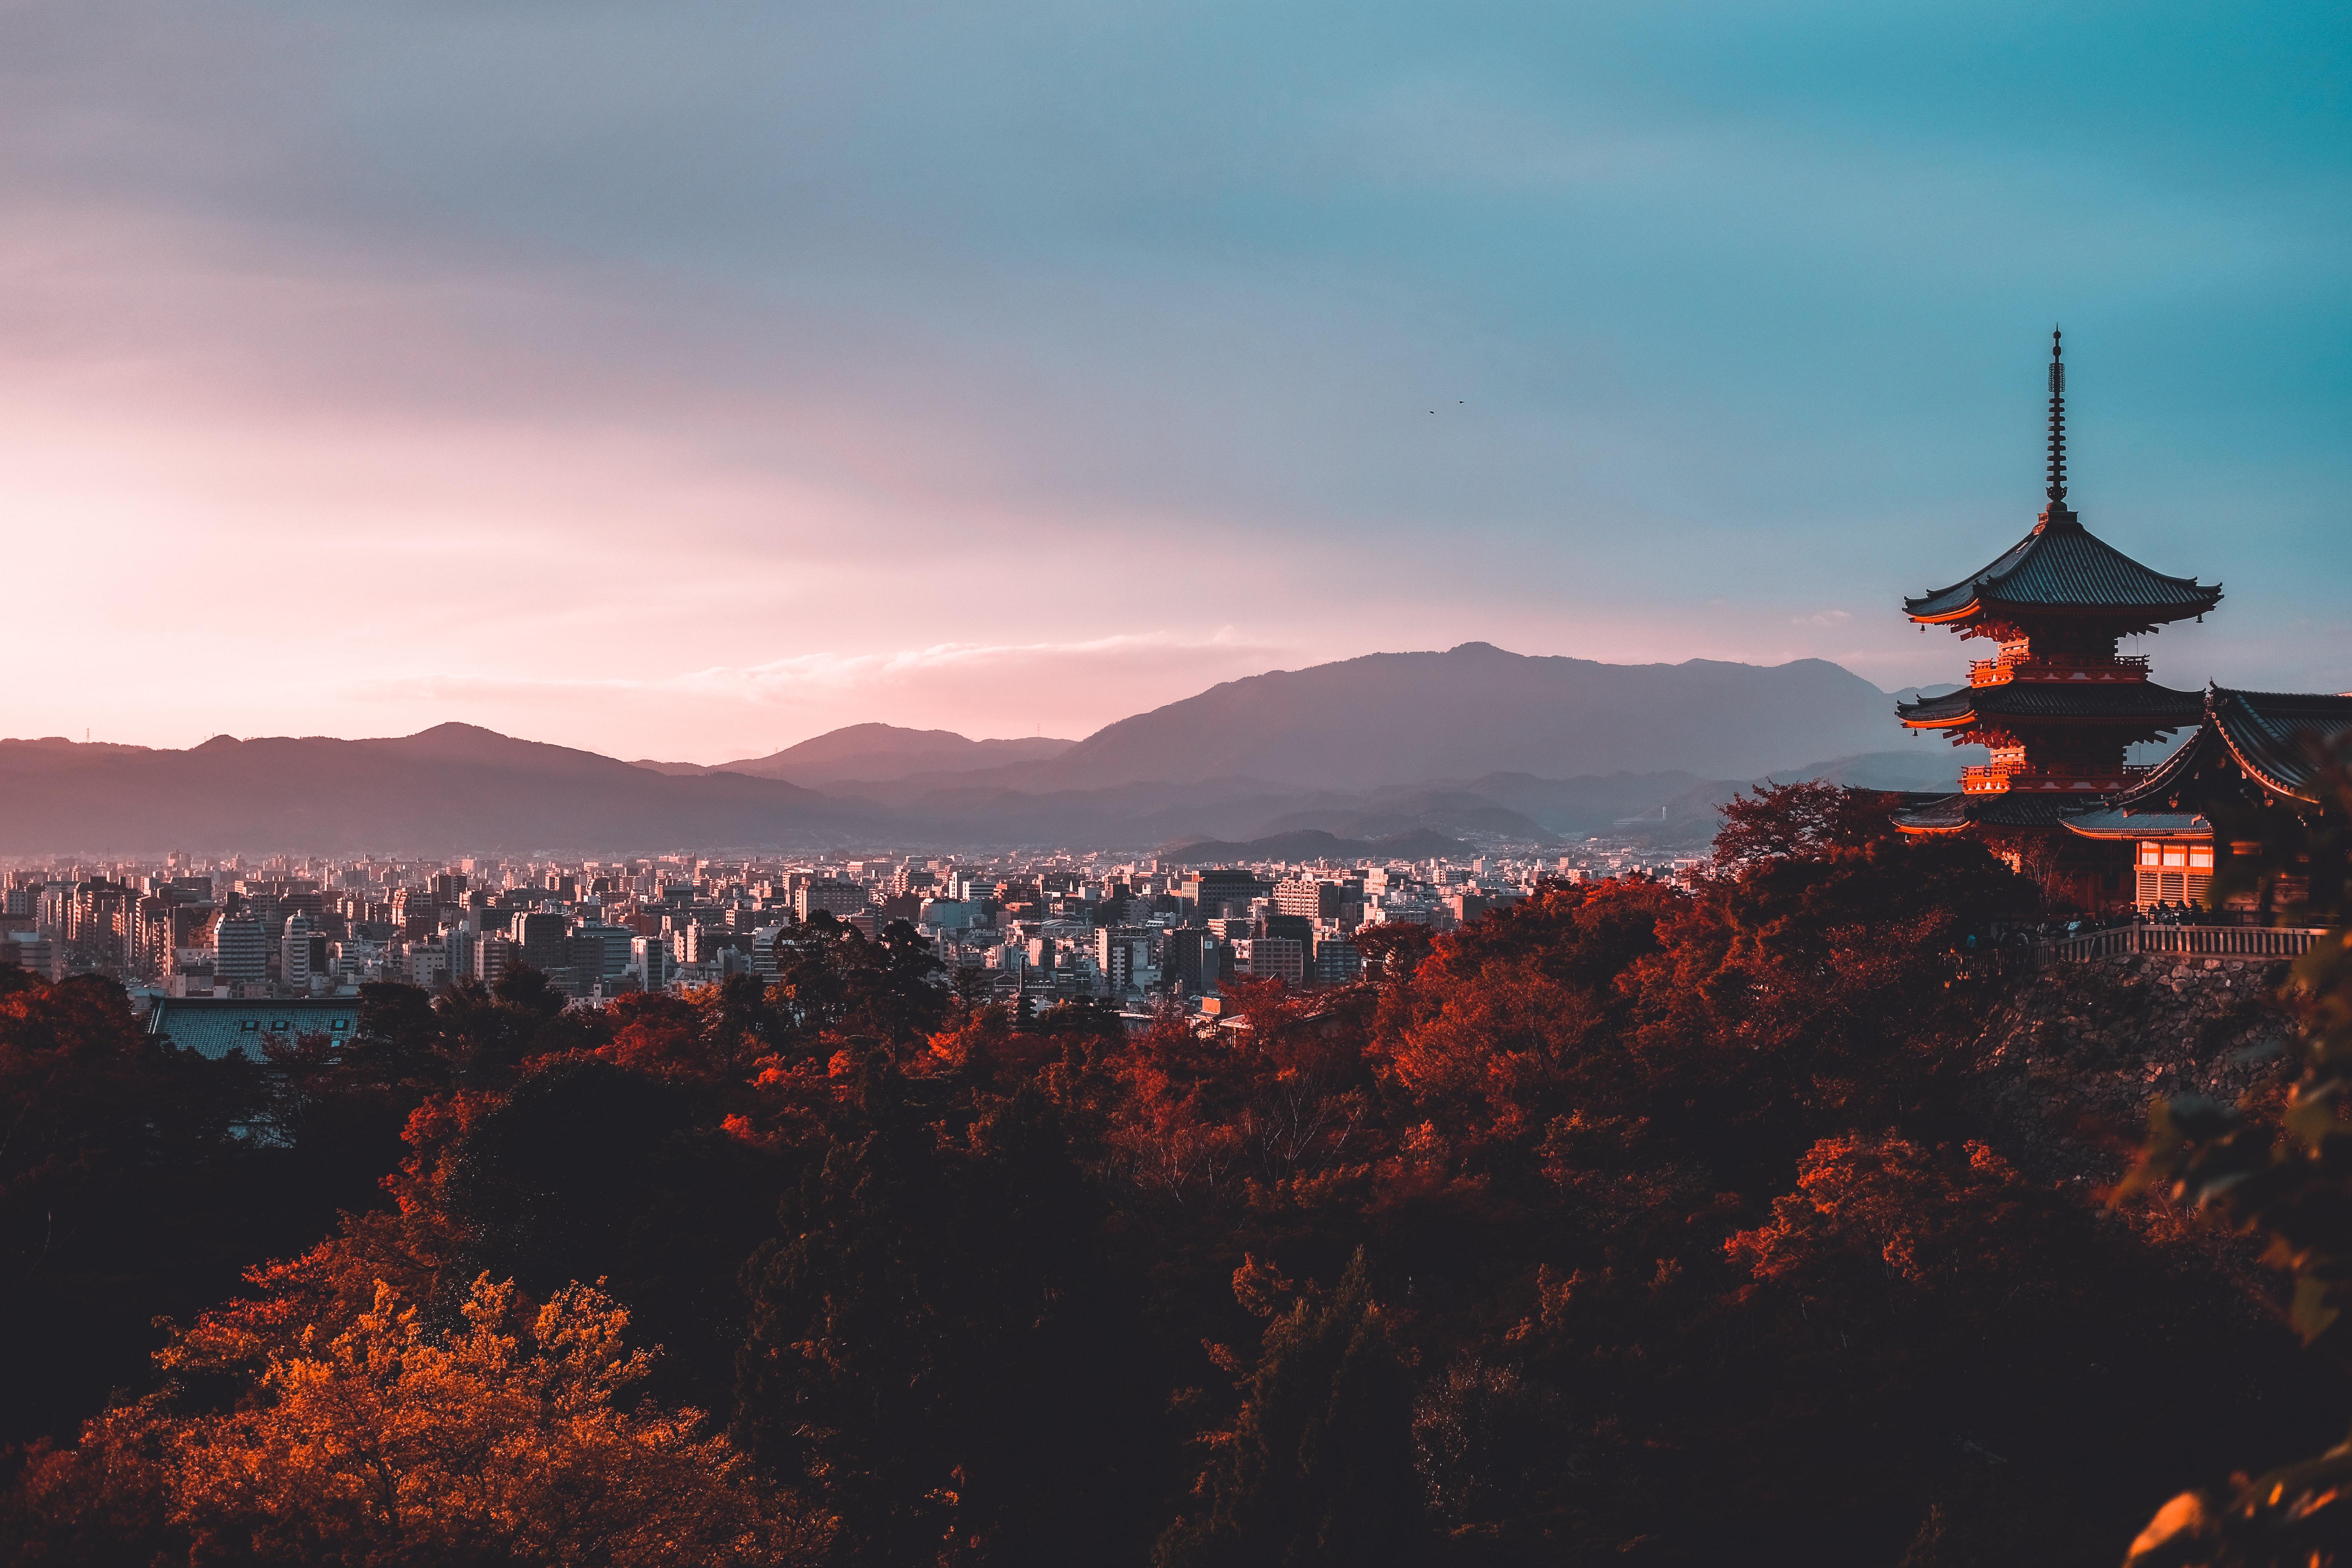 日本精英大学博士留学服务+日本留学签证